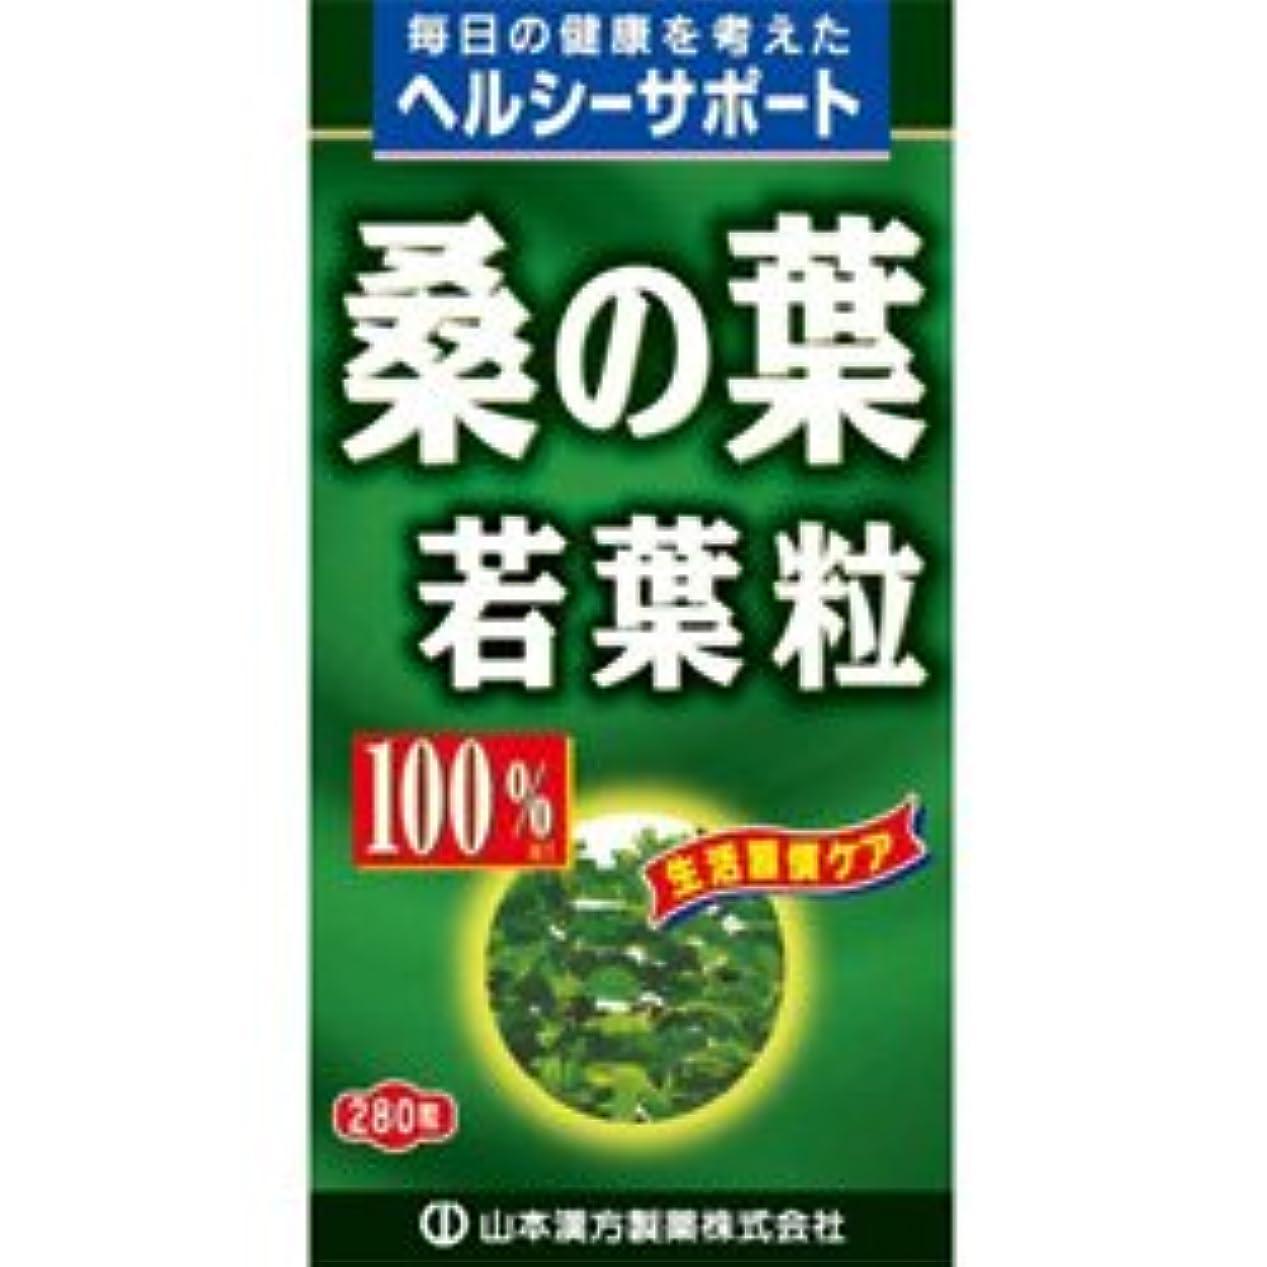 構造治療提案【山本漢方製薬】桑の葉粒 100% 280粒 ×10個セット